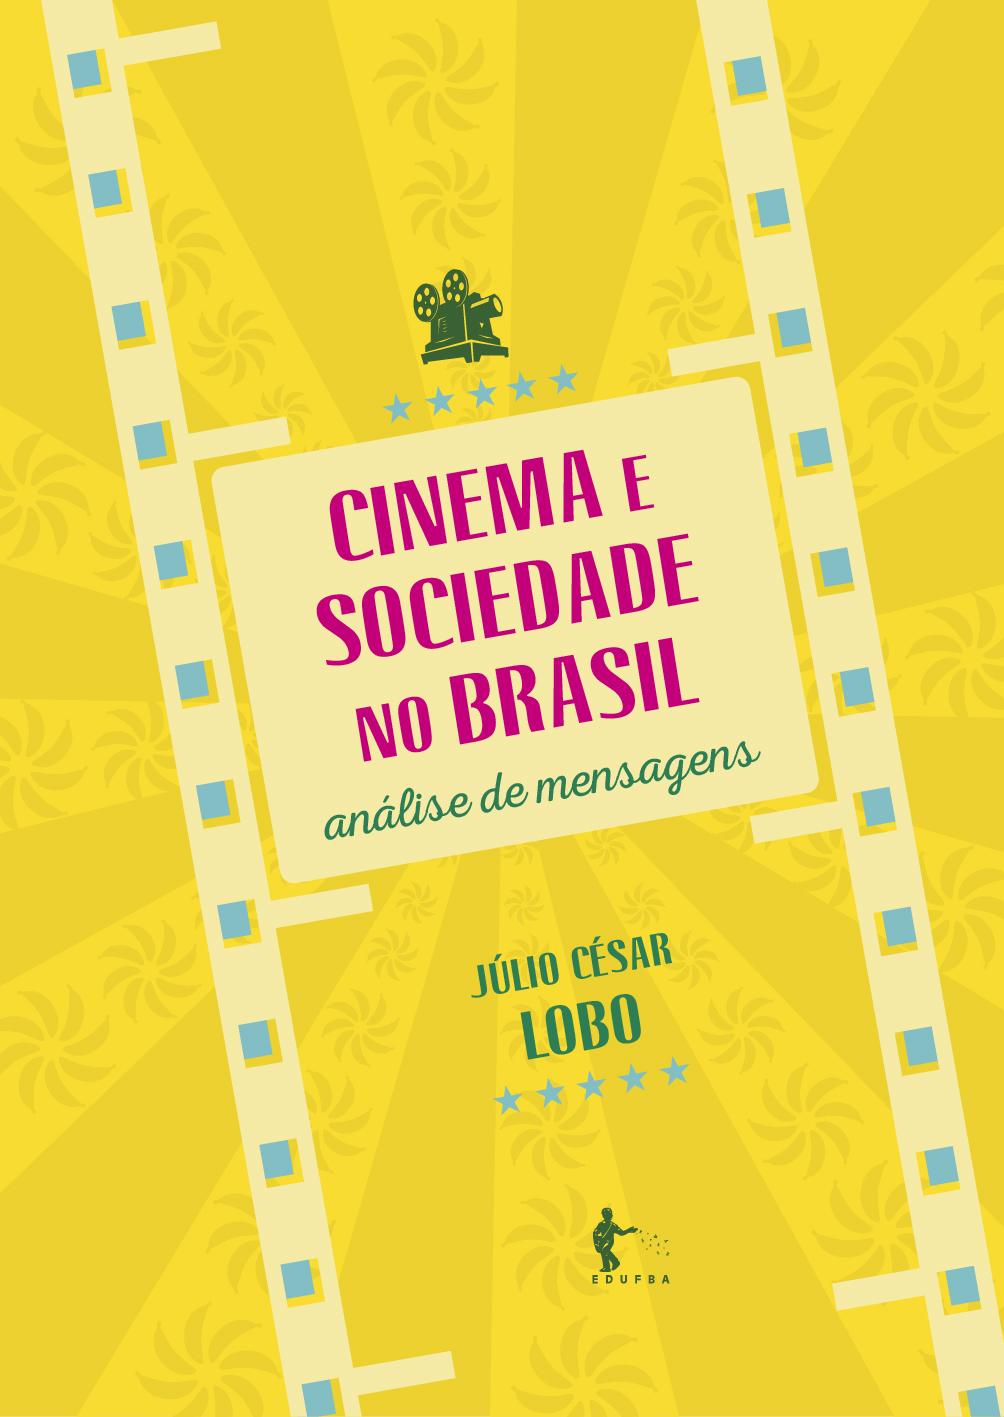 Cinema E Sociedade No Brasil, livro de Júlio César Lobo